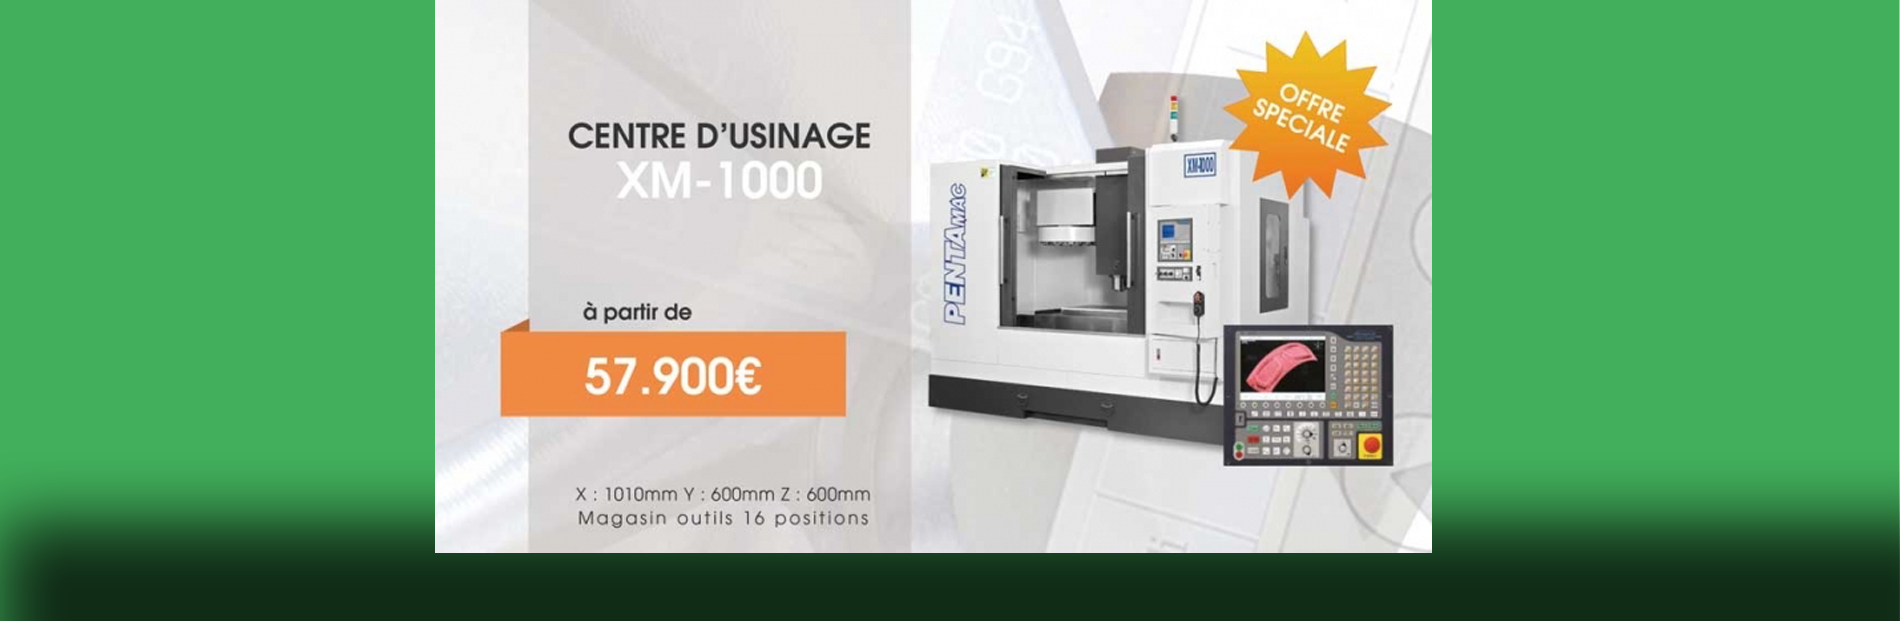 Centre d'Usinage XM-1000-600